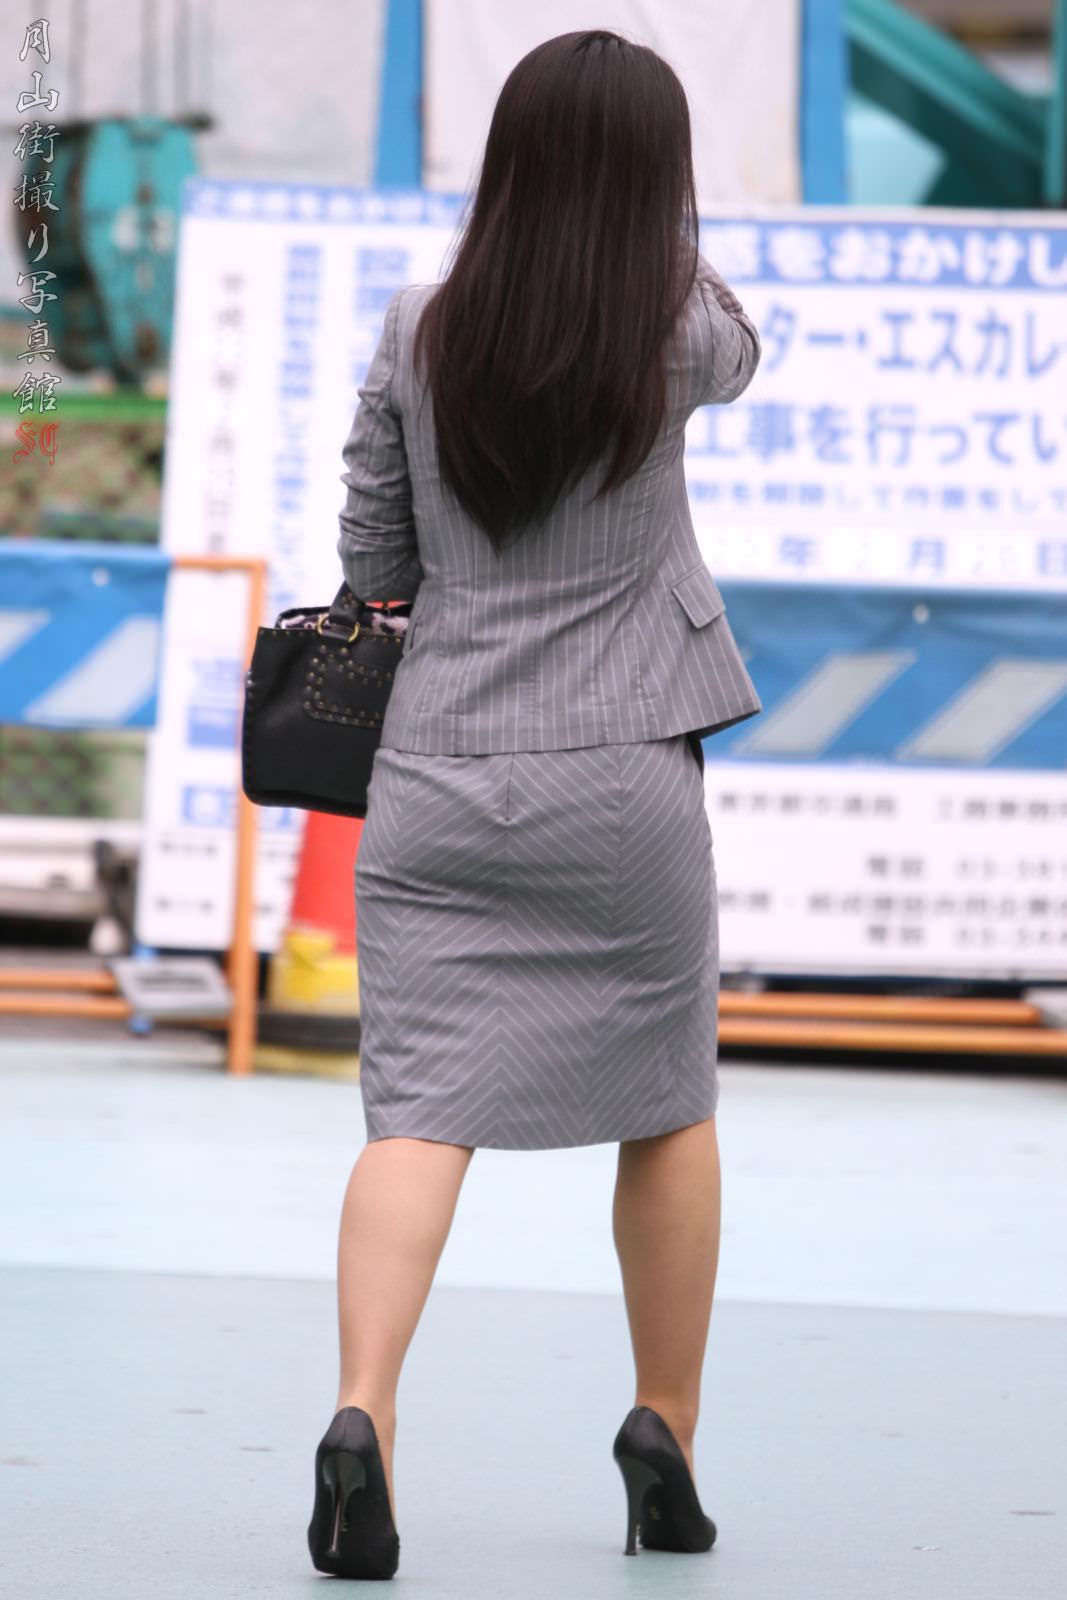 お尻の形が丸わかりなOLさんを尾行して街撮り盗撮www 3076